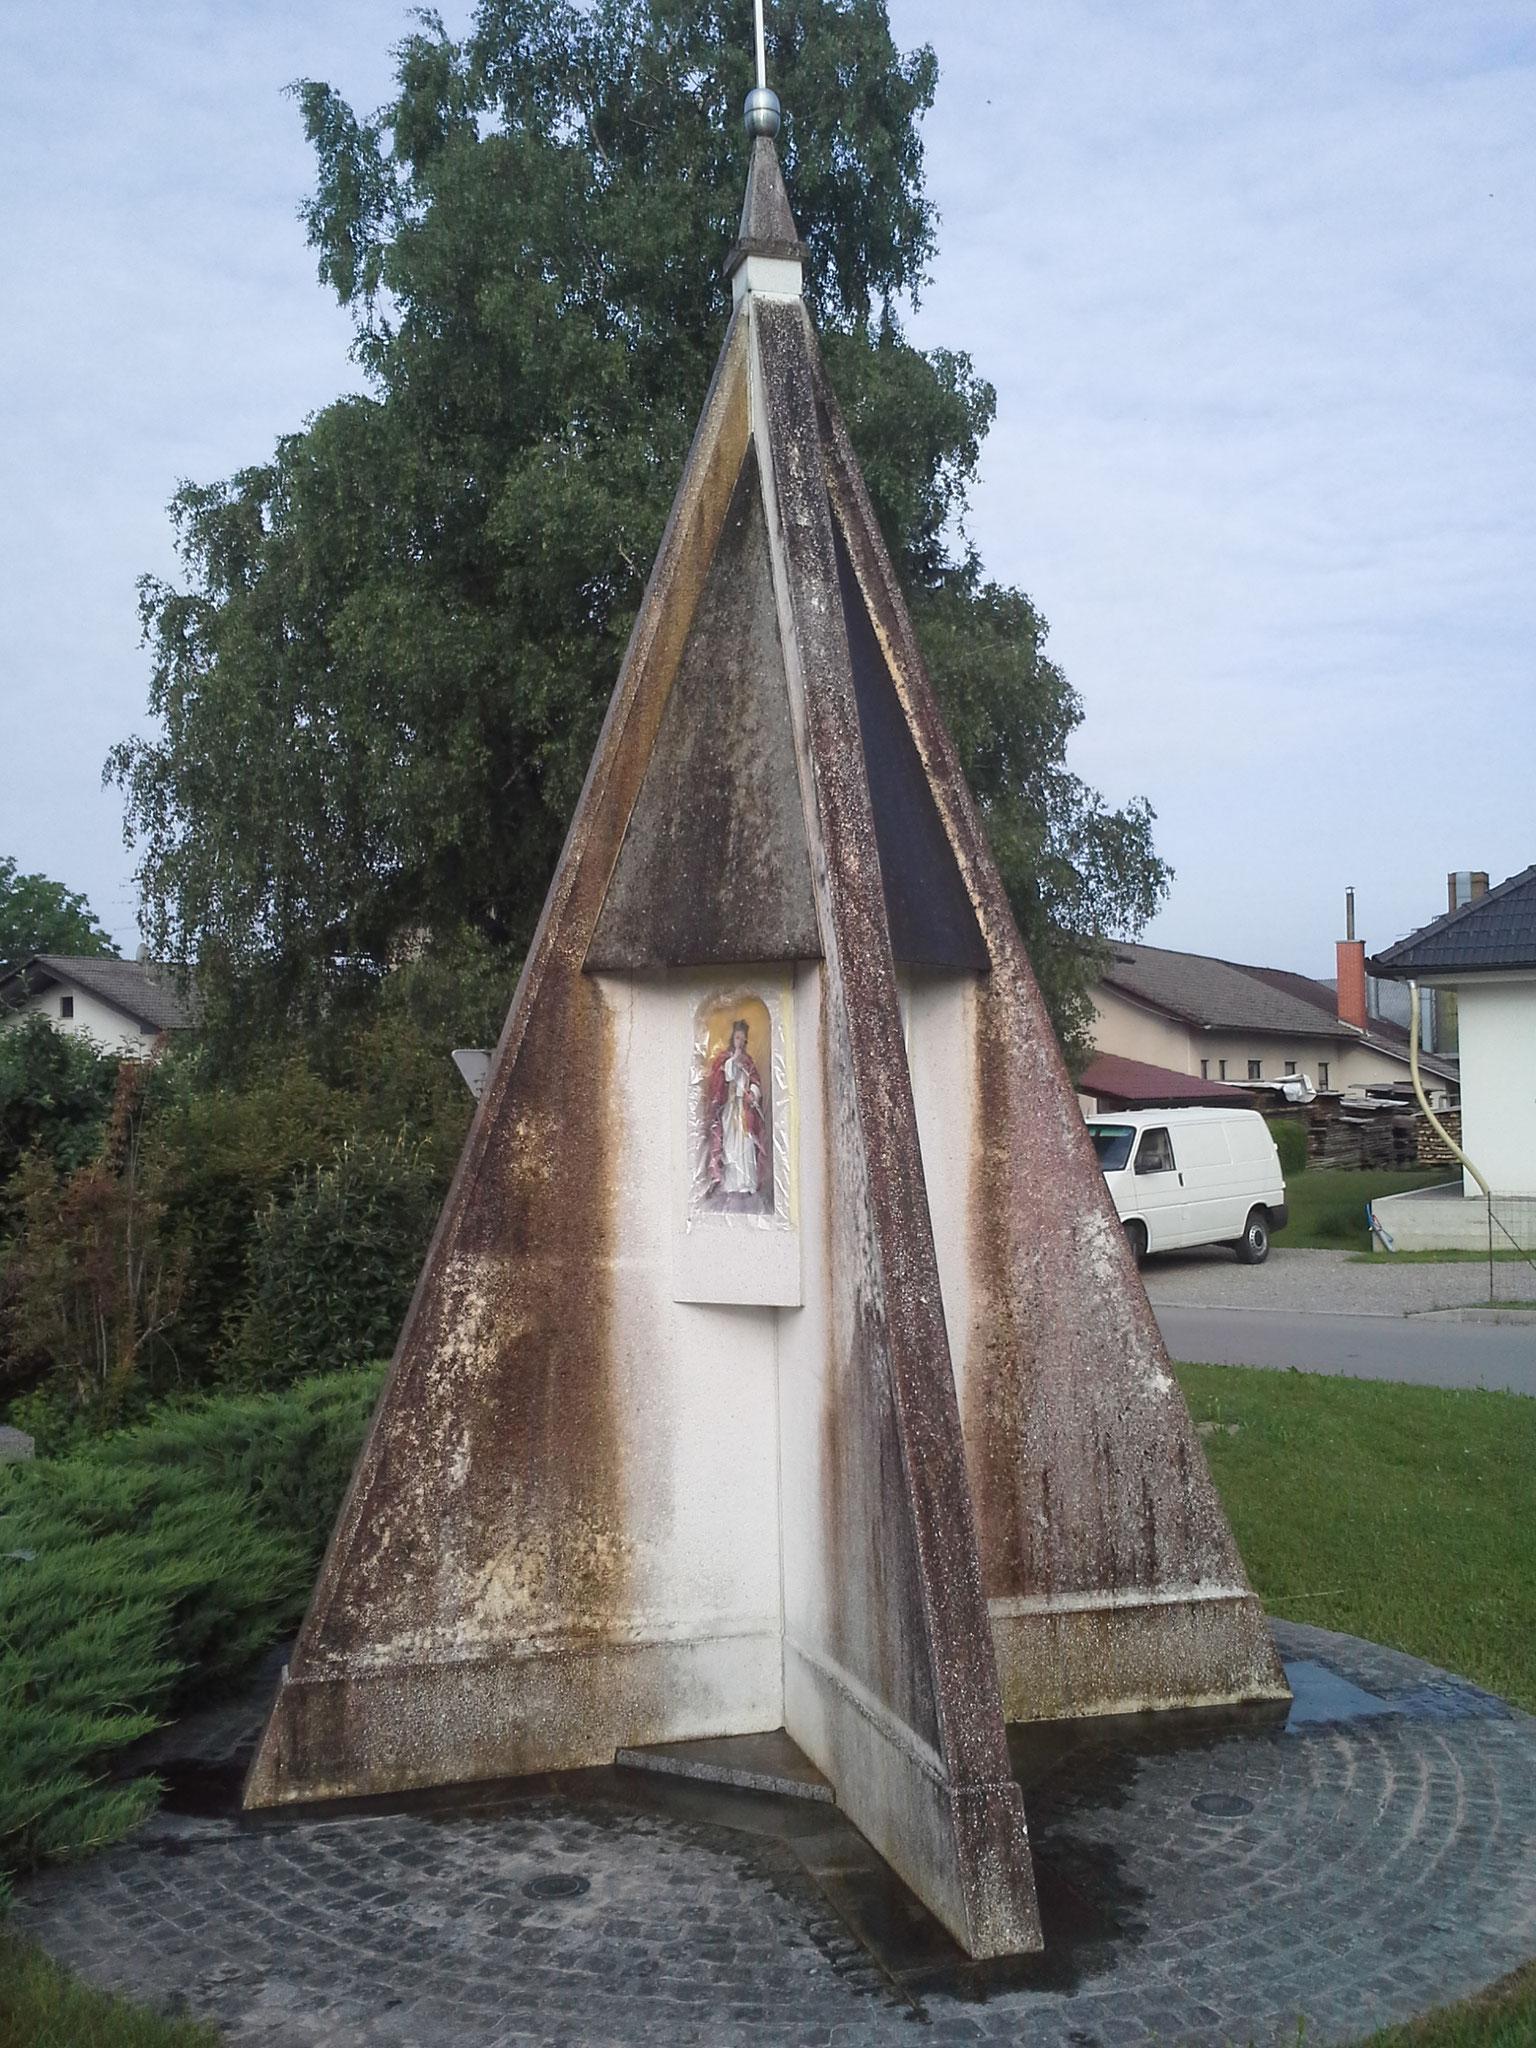 Ein schwer befallenes Denkmal, frisch eingesprüht